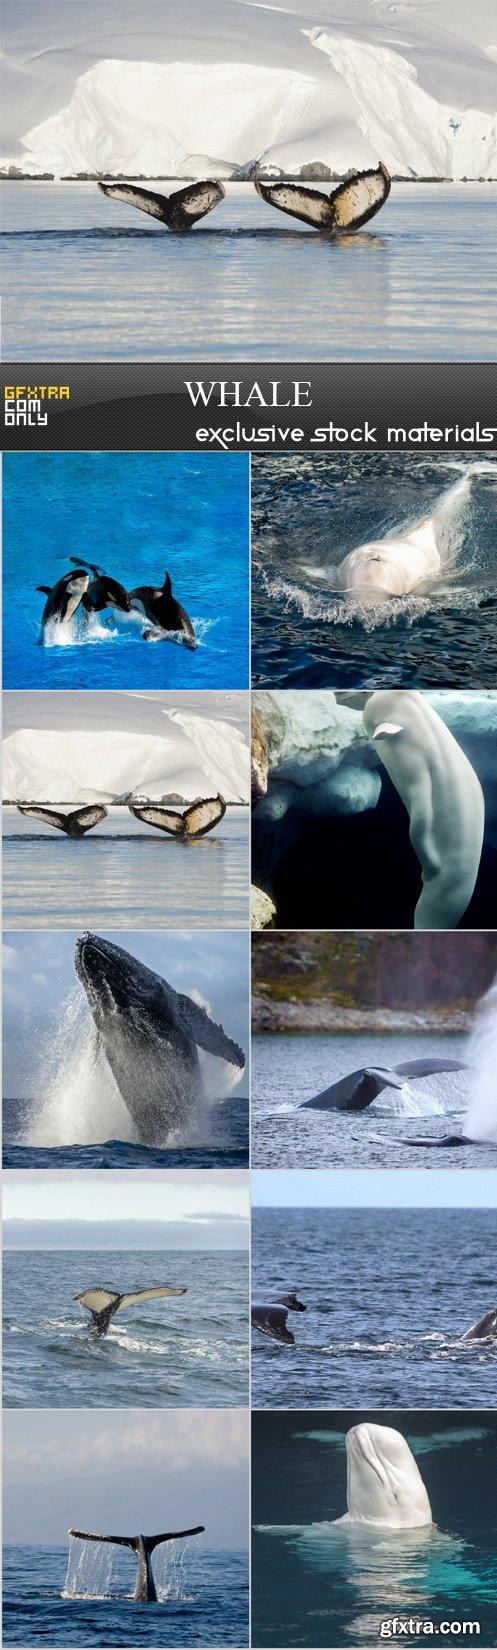 Whale - 10 x UHQ JPEG